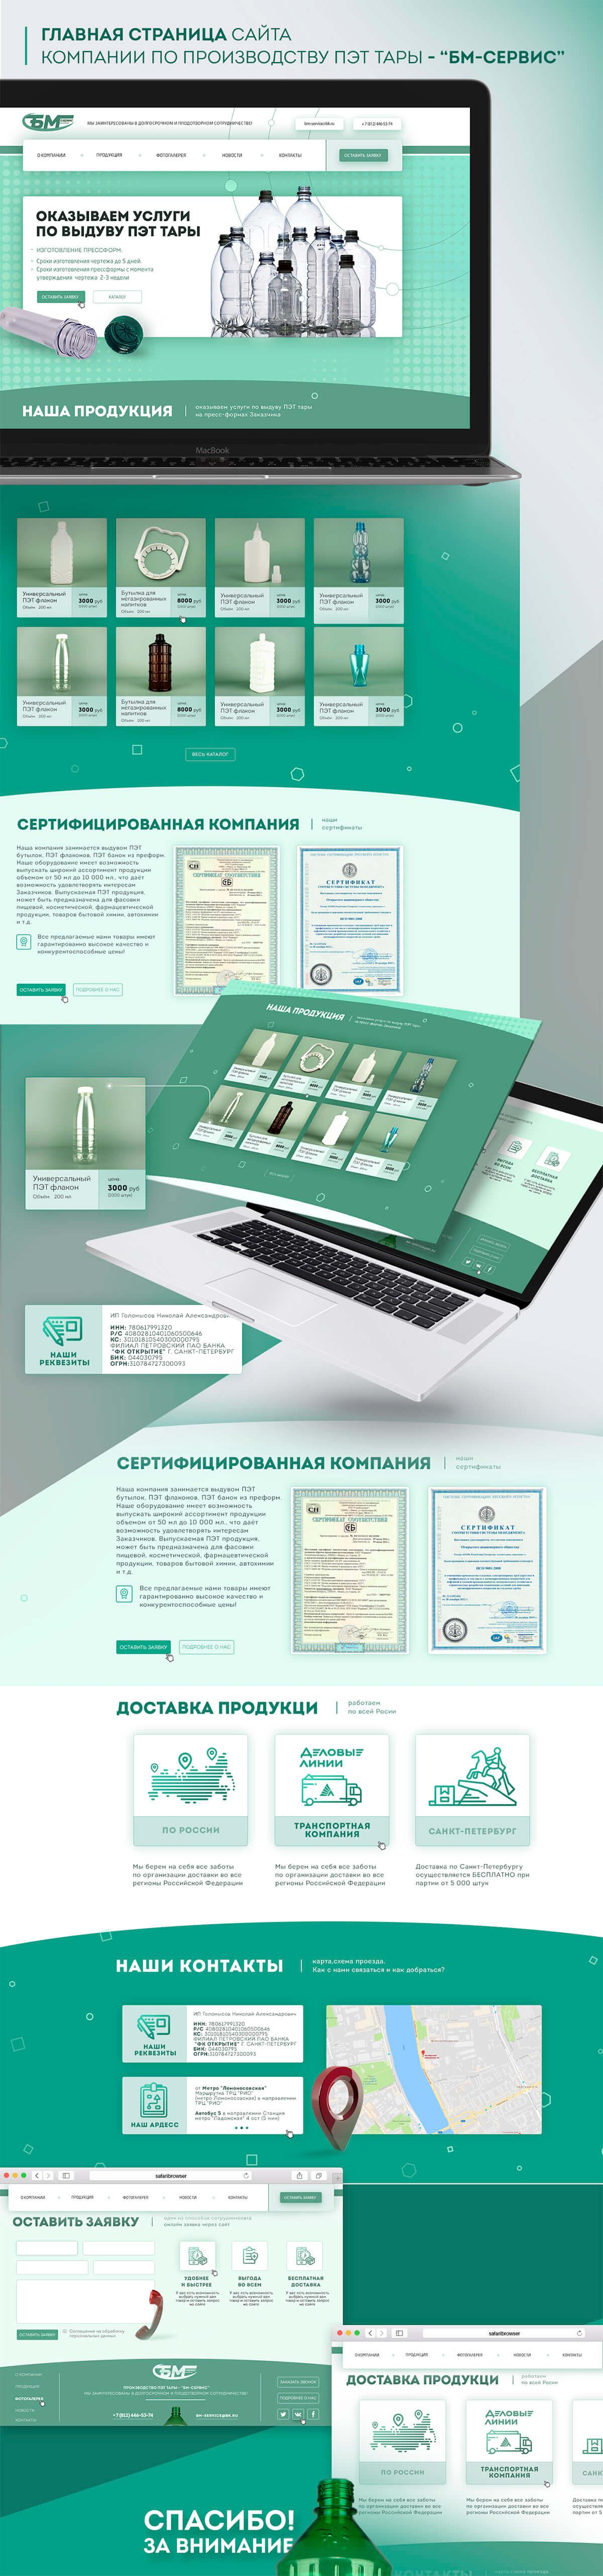 Создание сайта каталога для производителя ПЭТ тары «БМ Сервис»